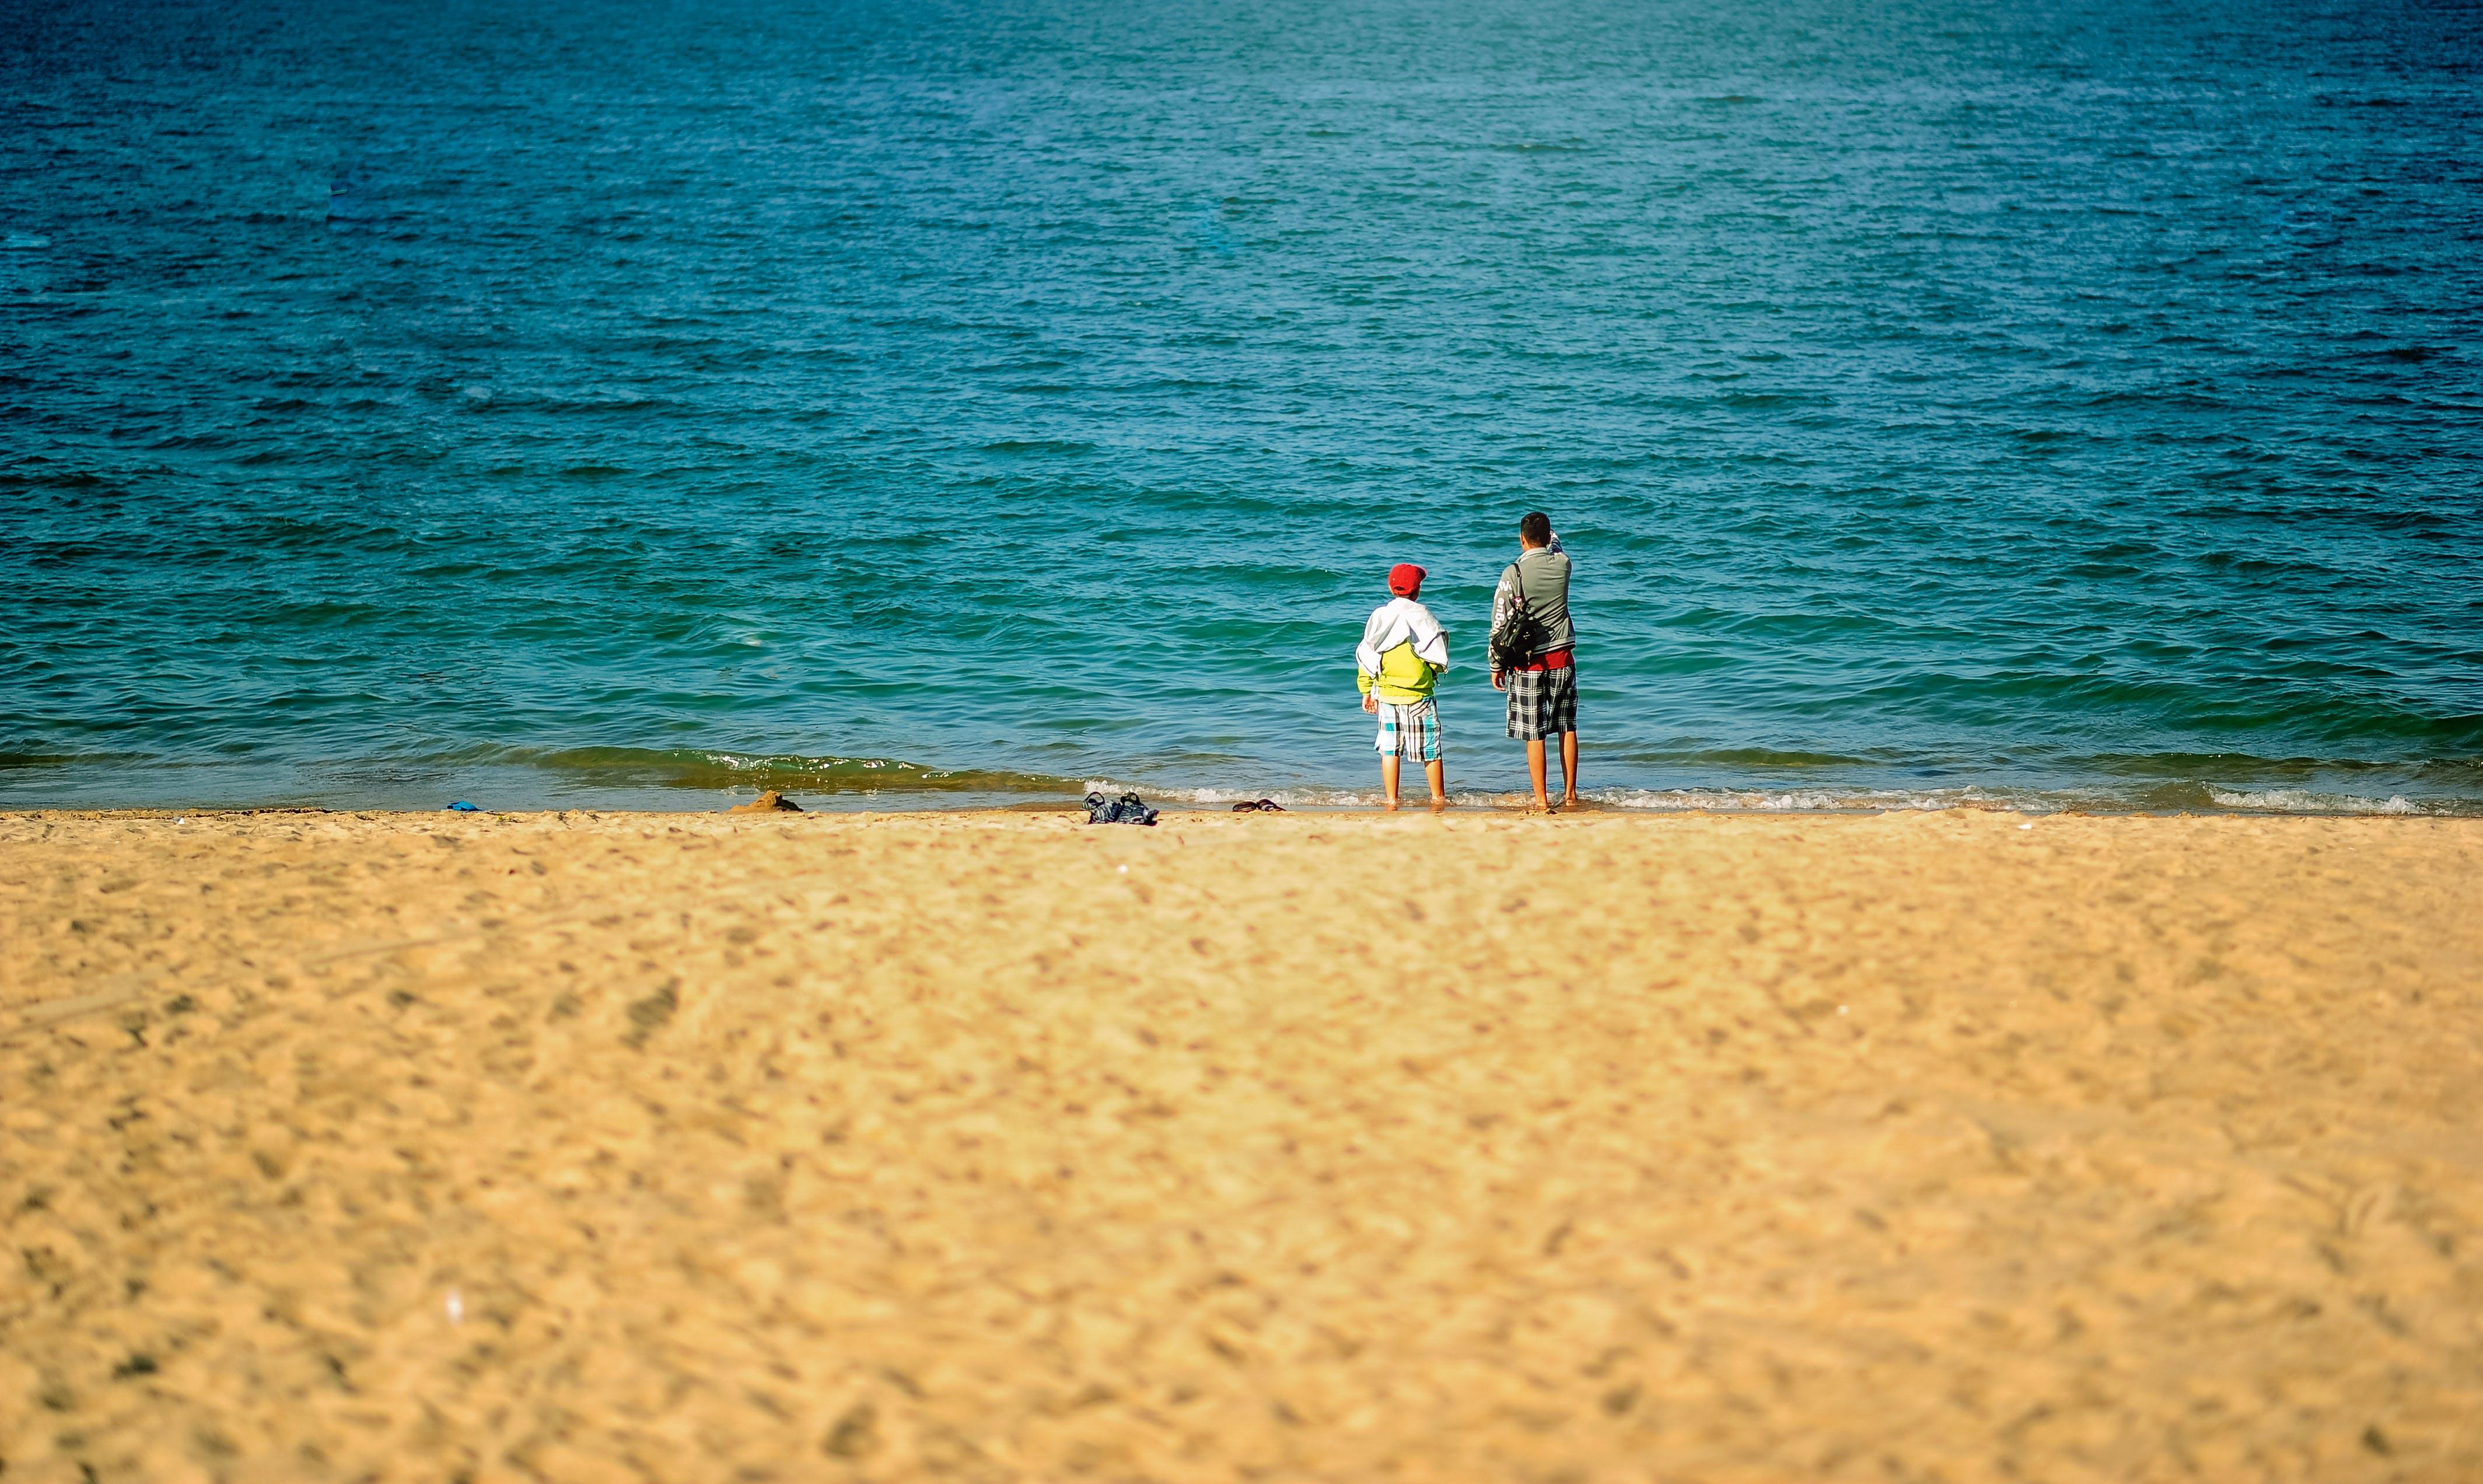 Základová fotografie zdarma na téma dovolená, krajina, léto, lidé